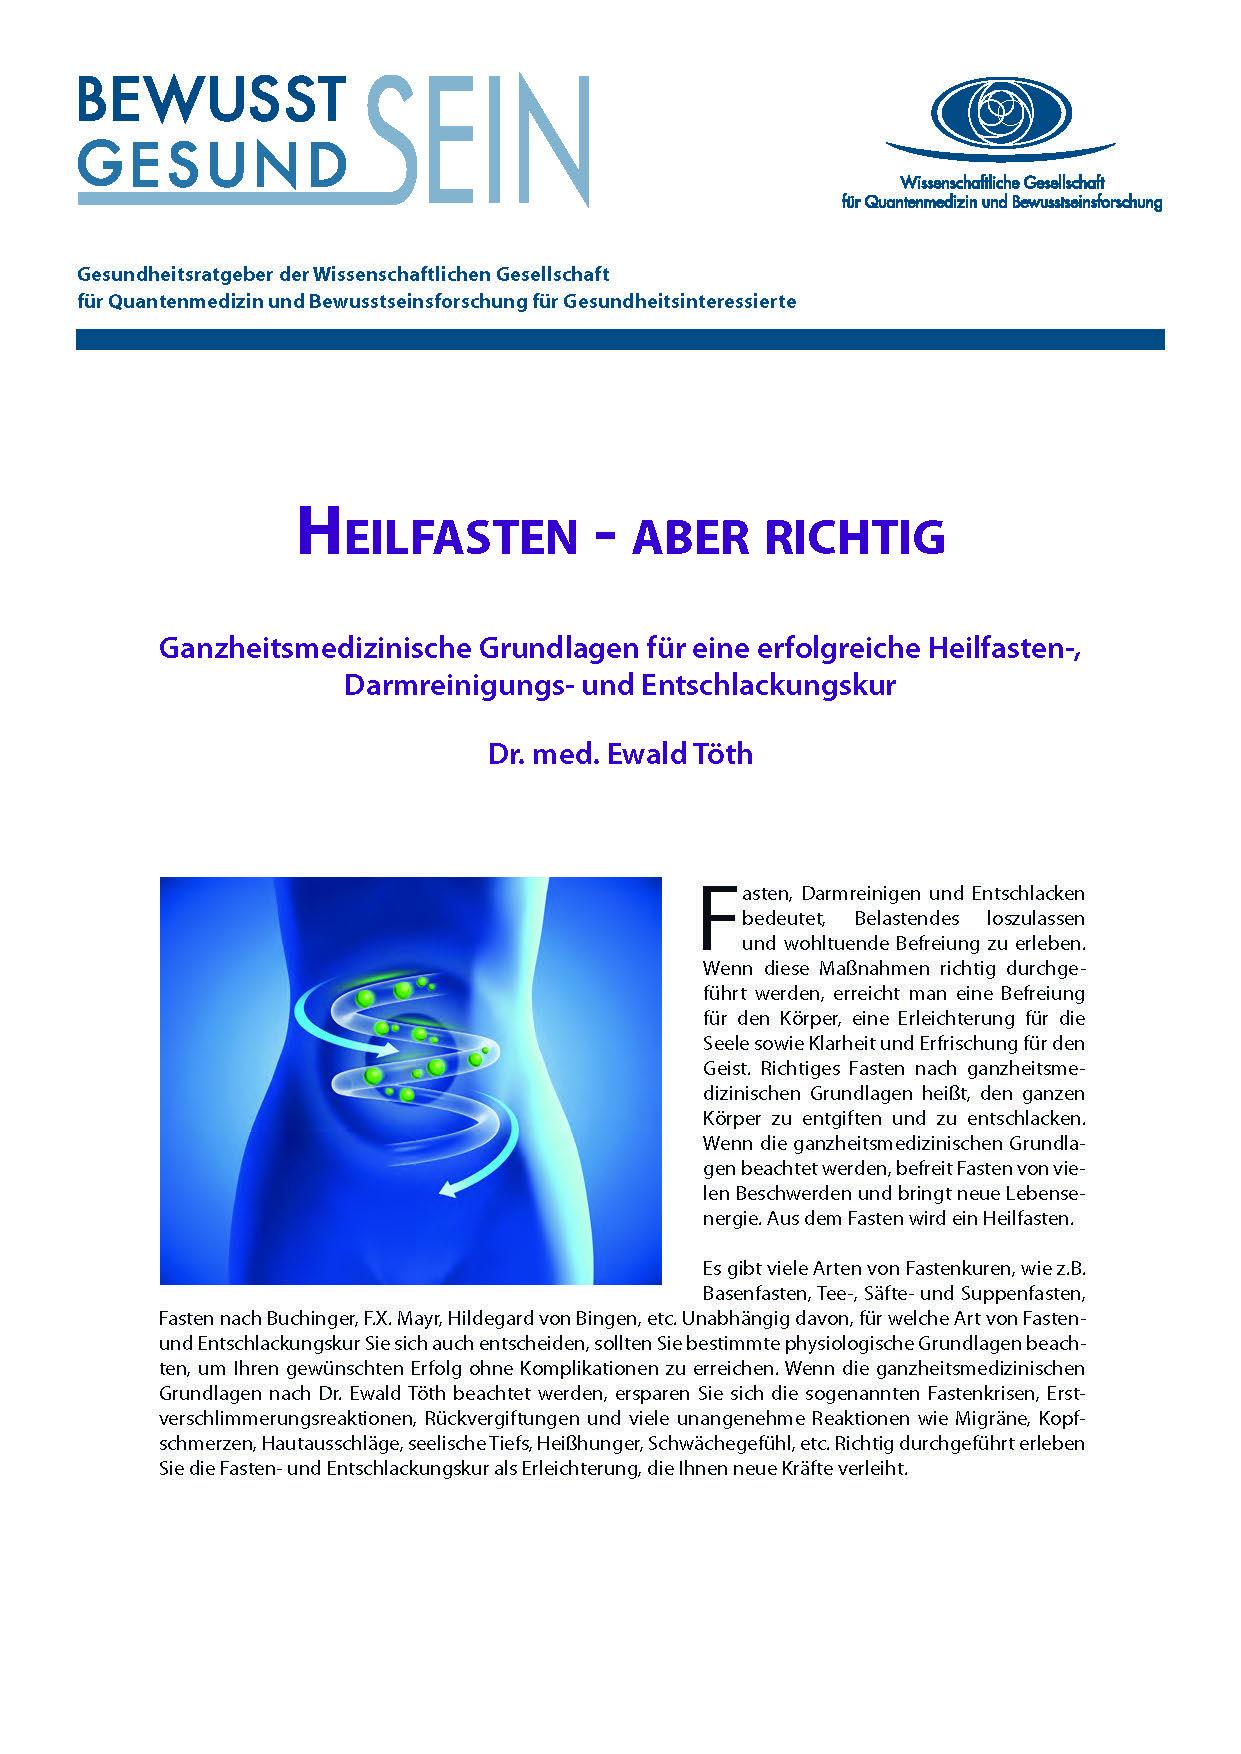 Gesundheitsratgeber-Heilfasten_18.01.2019-red_Seite_01